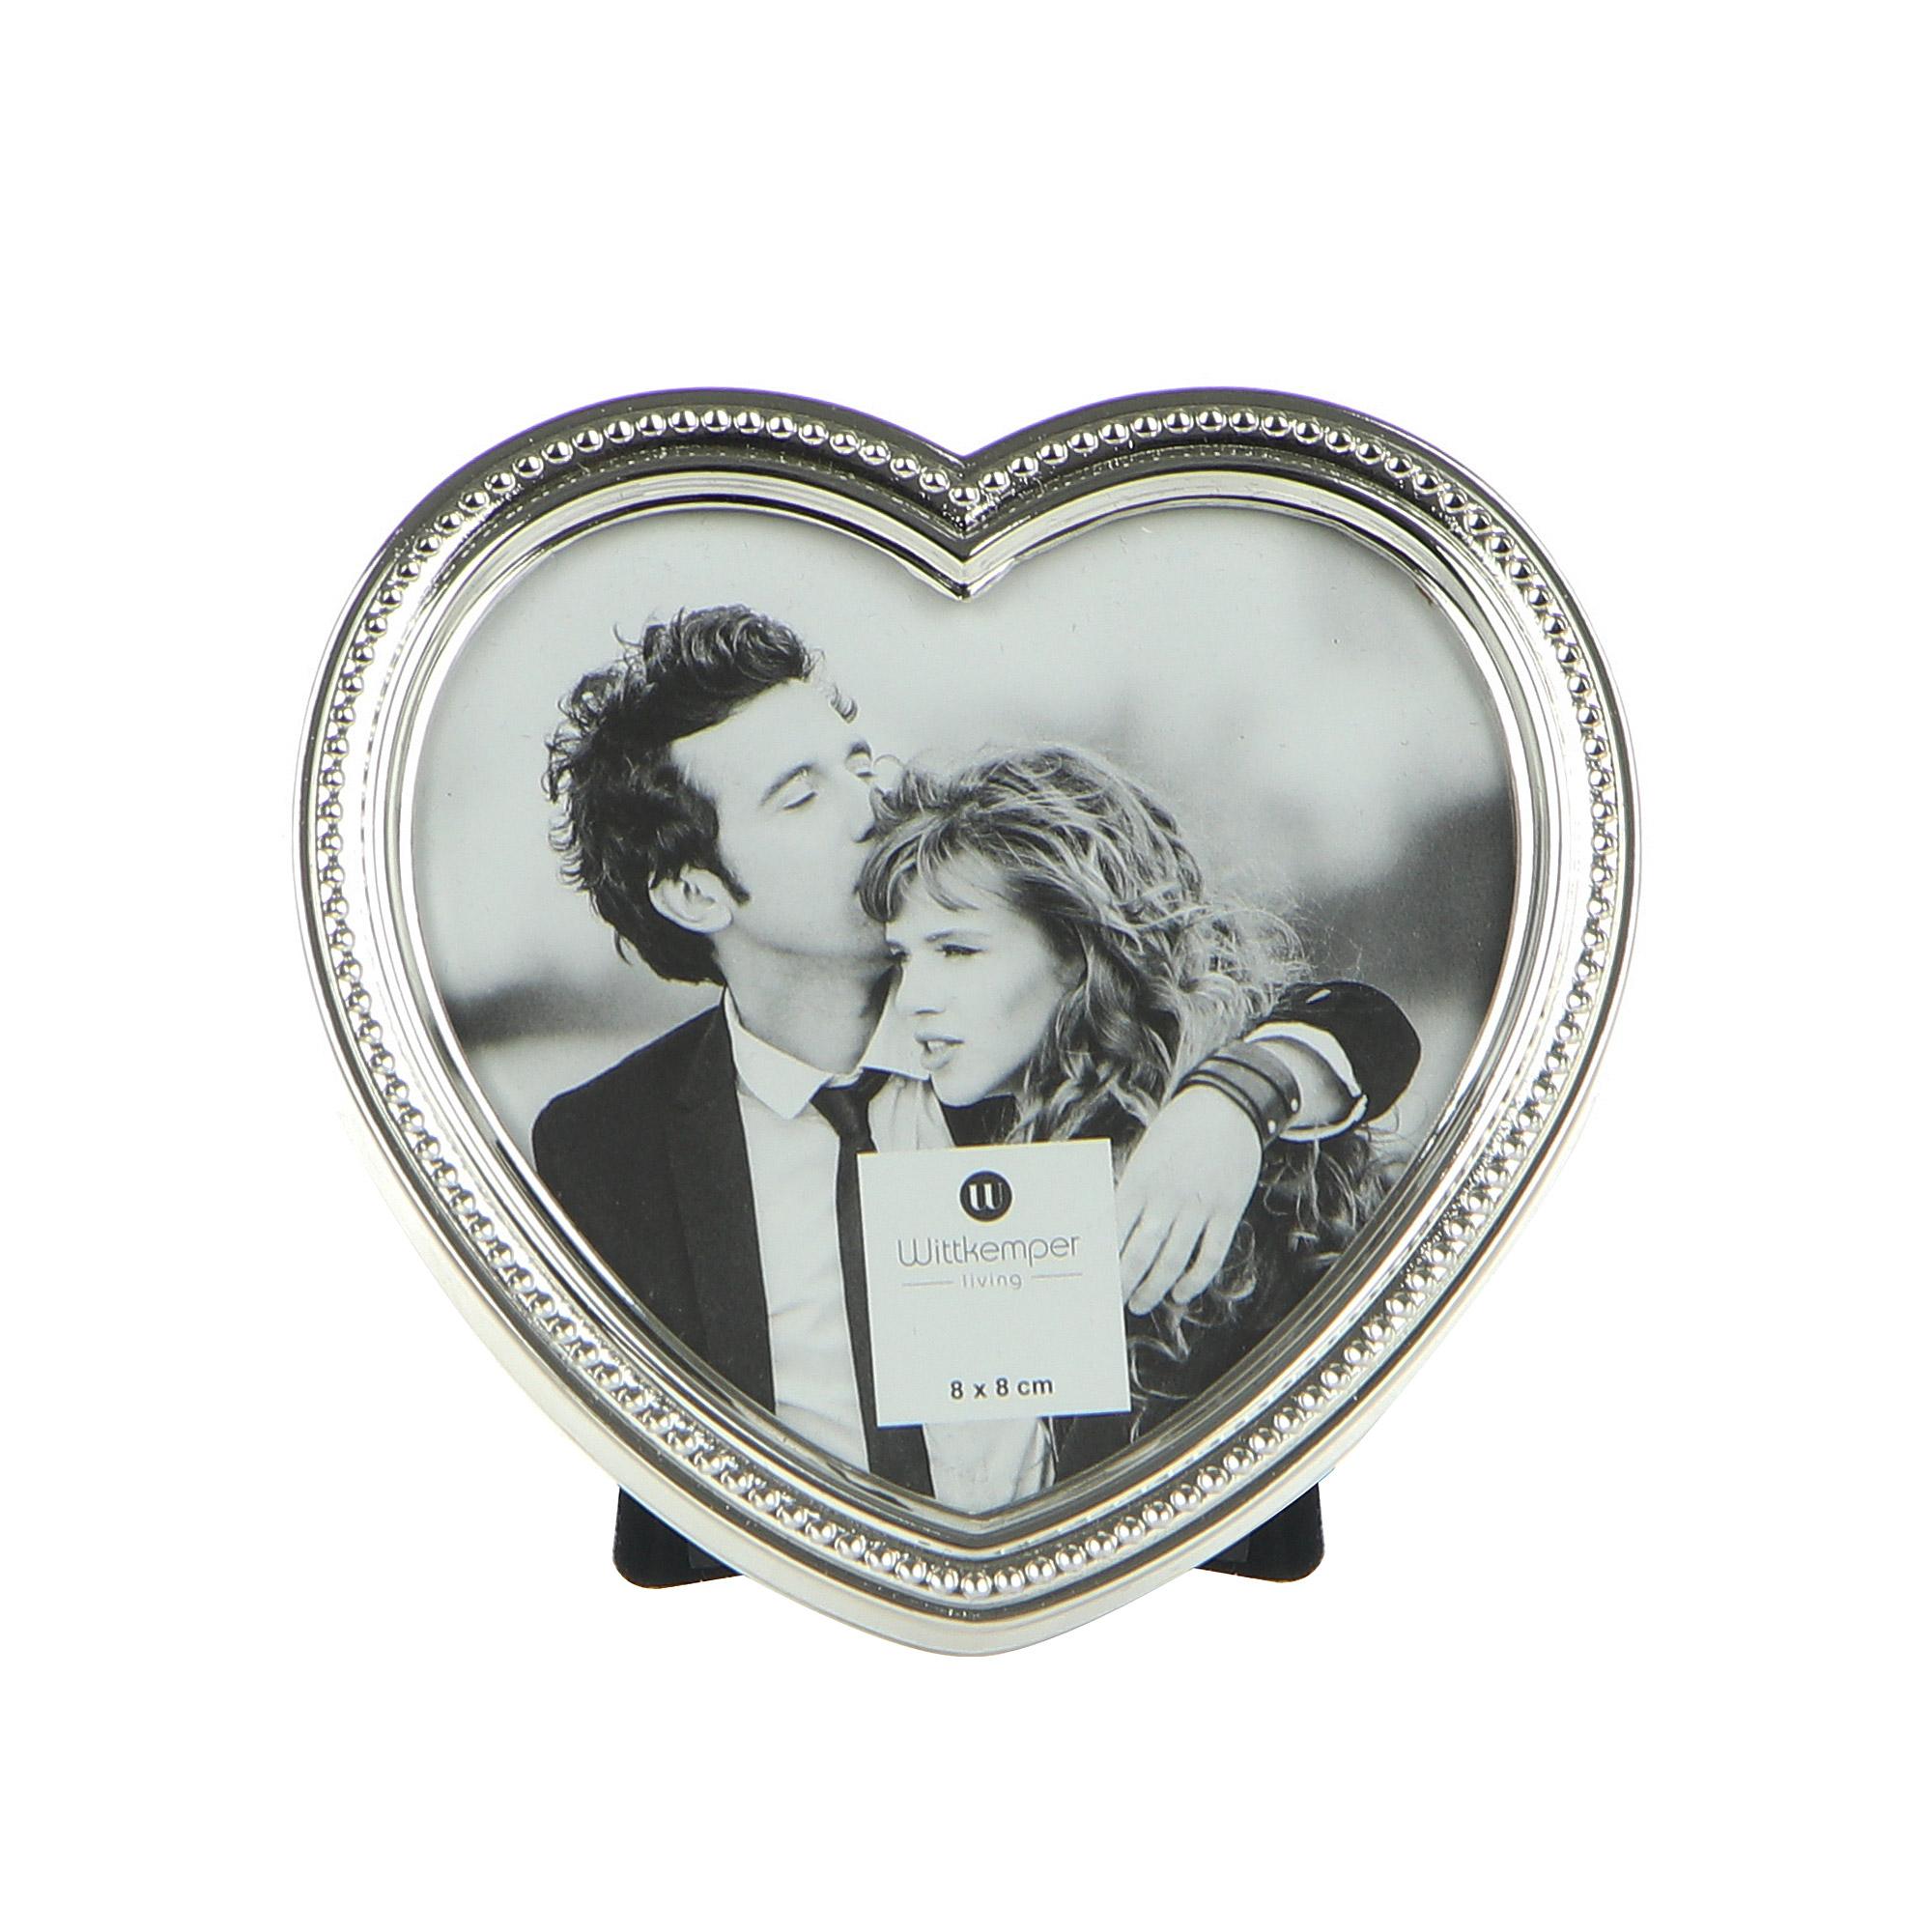 Рамка для фотографий Wittkemper dots сердце 8х8см